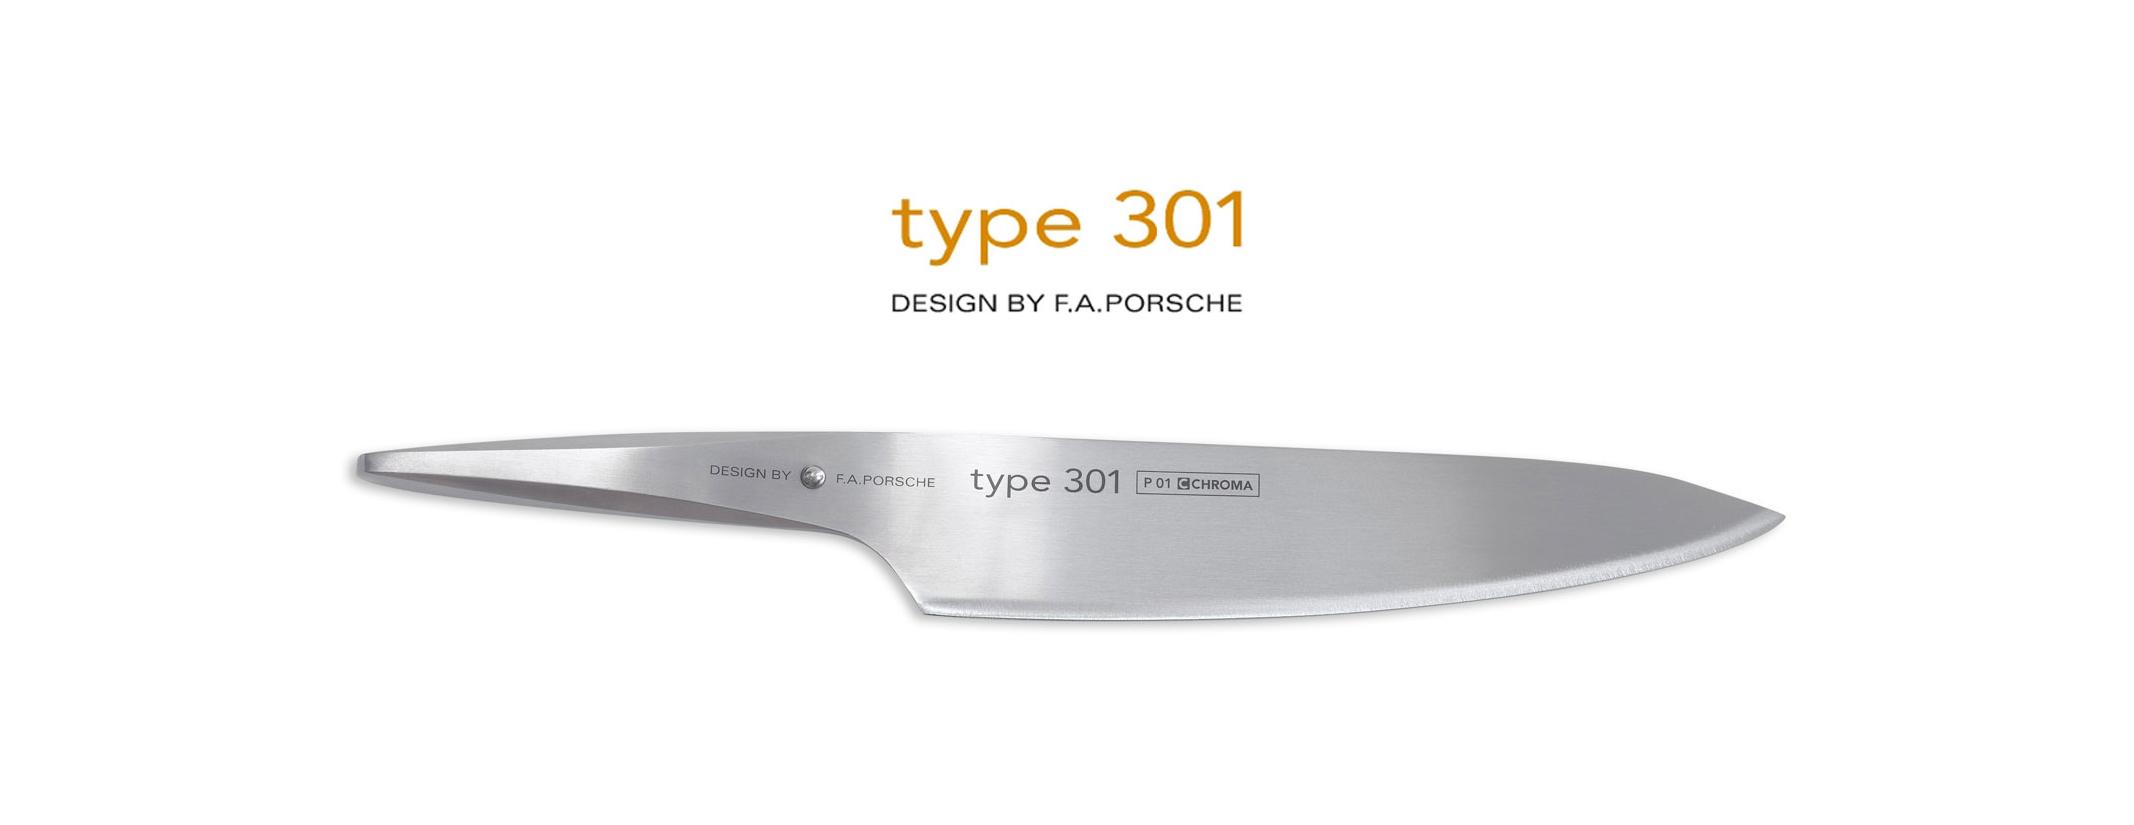 Typ 301 - DESIGN BY F. A. PORSCHE